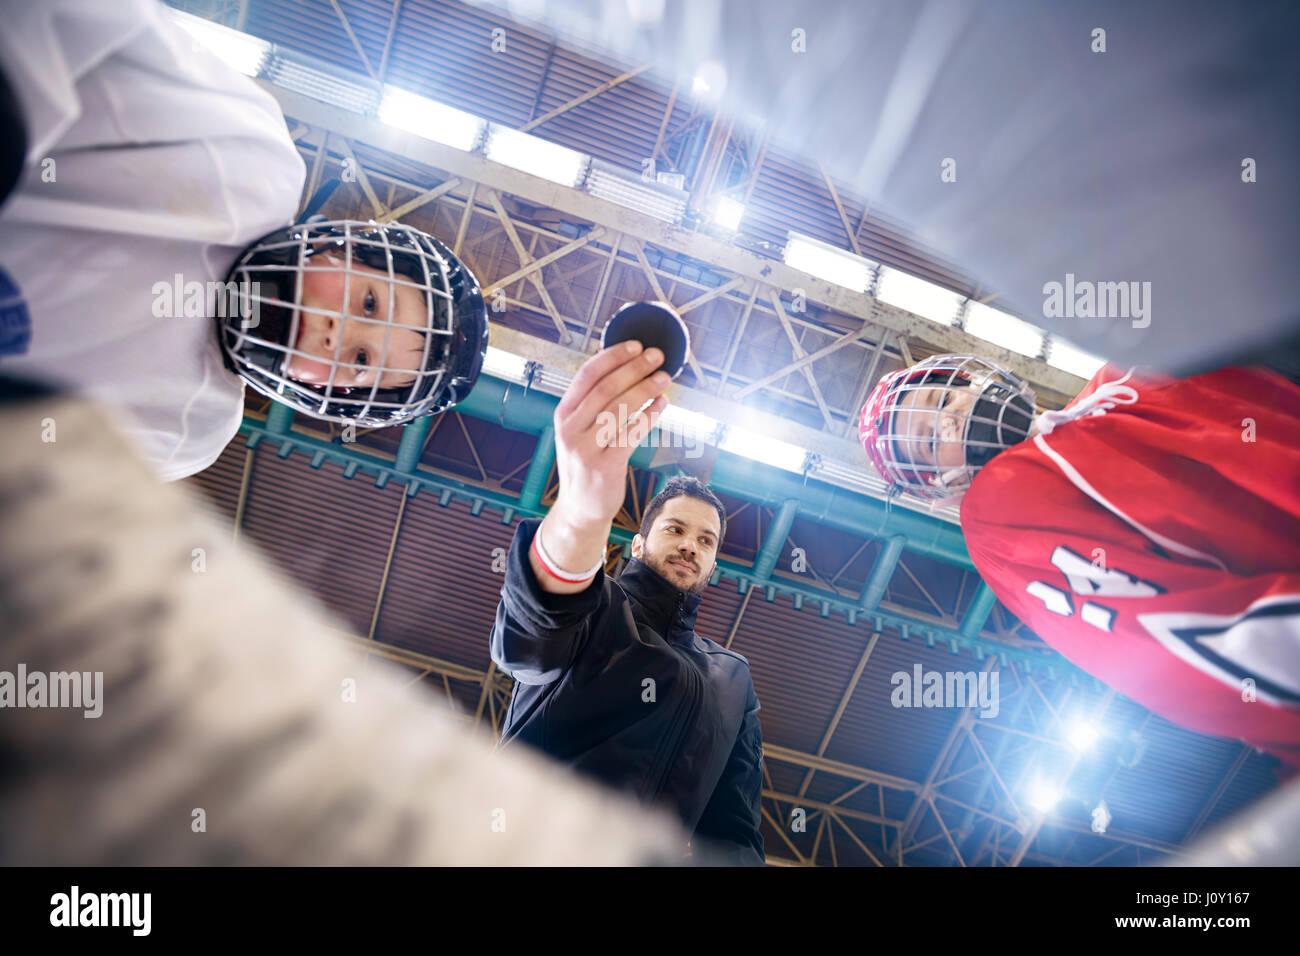 Jugadores inicio juegos de hockey sobre hielo. Imagen De Stock